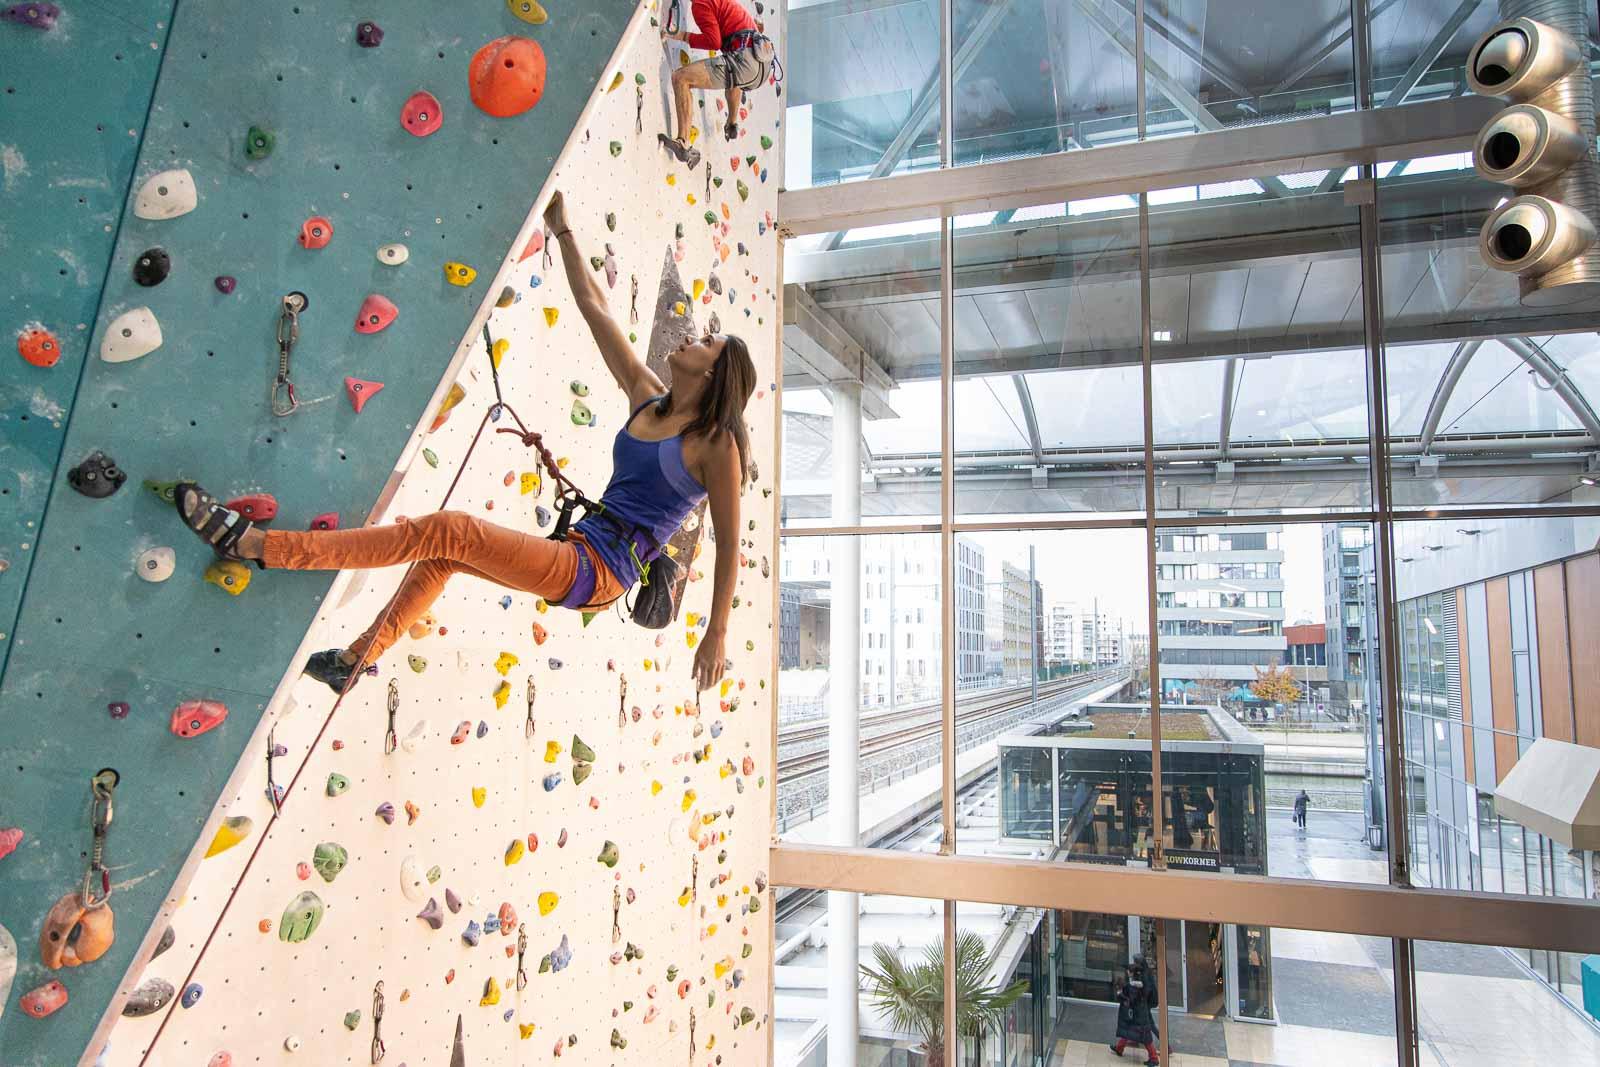 Salle d'escalade Climb Up Lyon Confluence